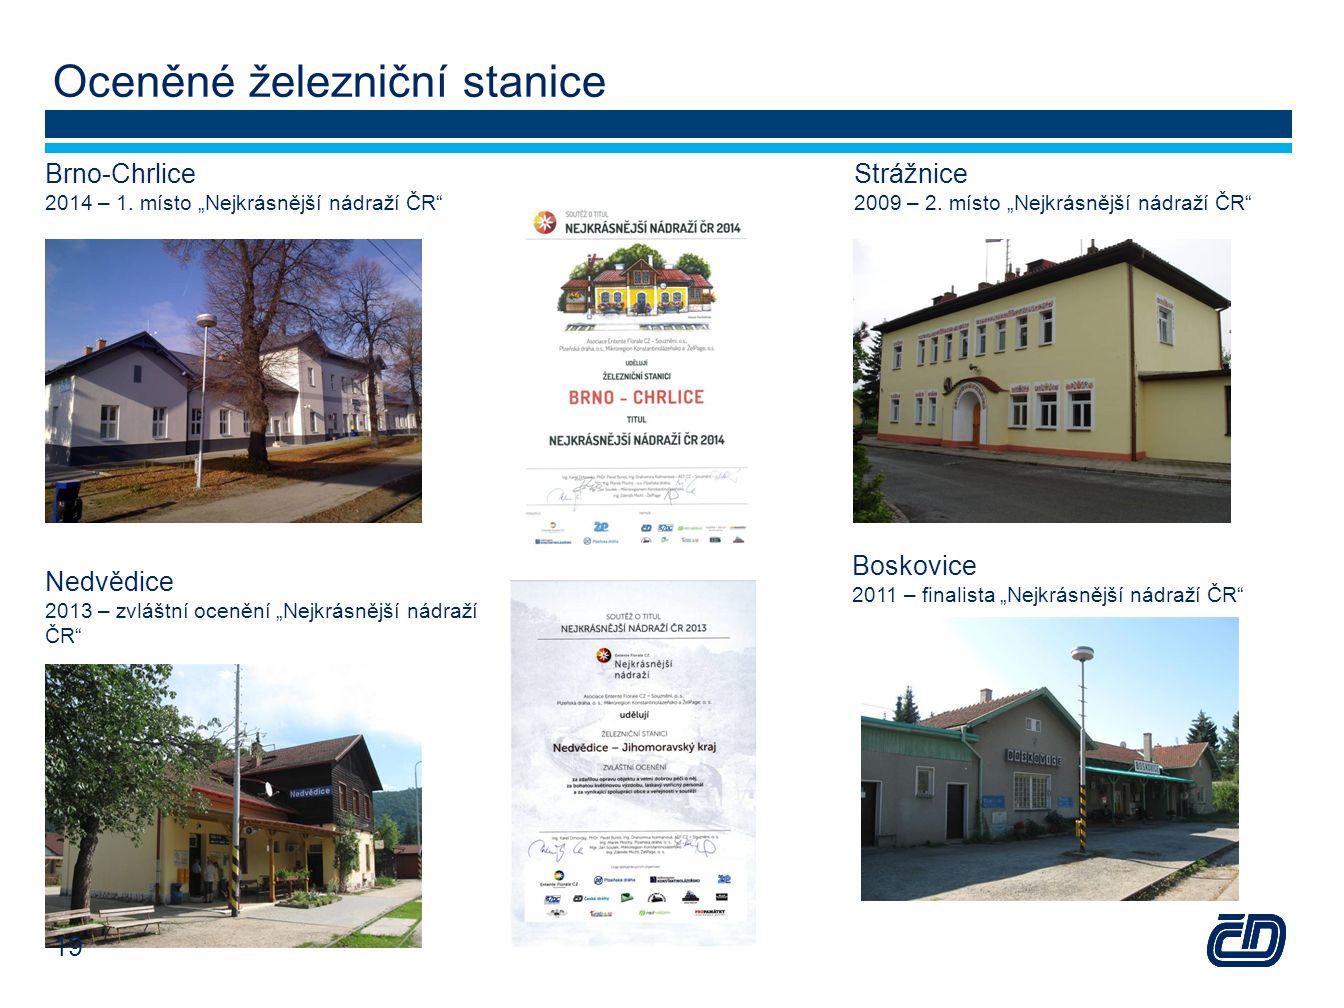 Oceněné železniční stanice Strážnice 2009 – 2.